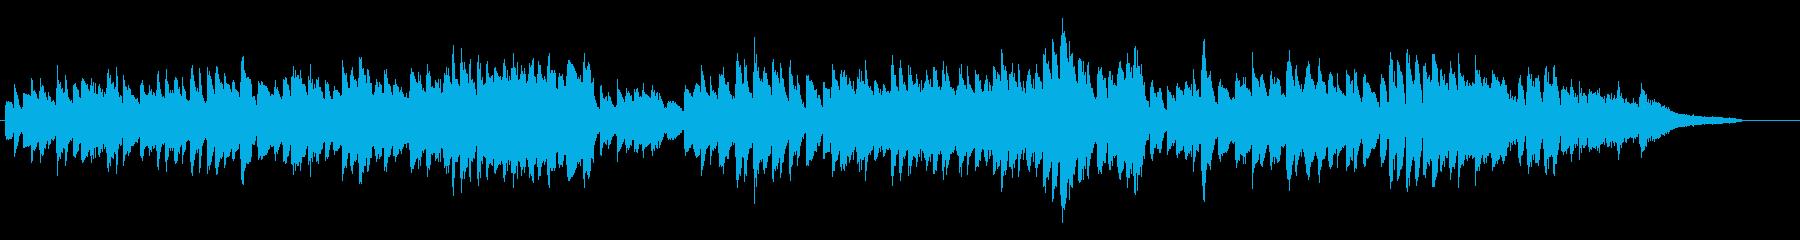 シューマン 軽やかで暖かなピアノ曲高音質の再生済みの波形